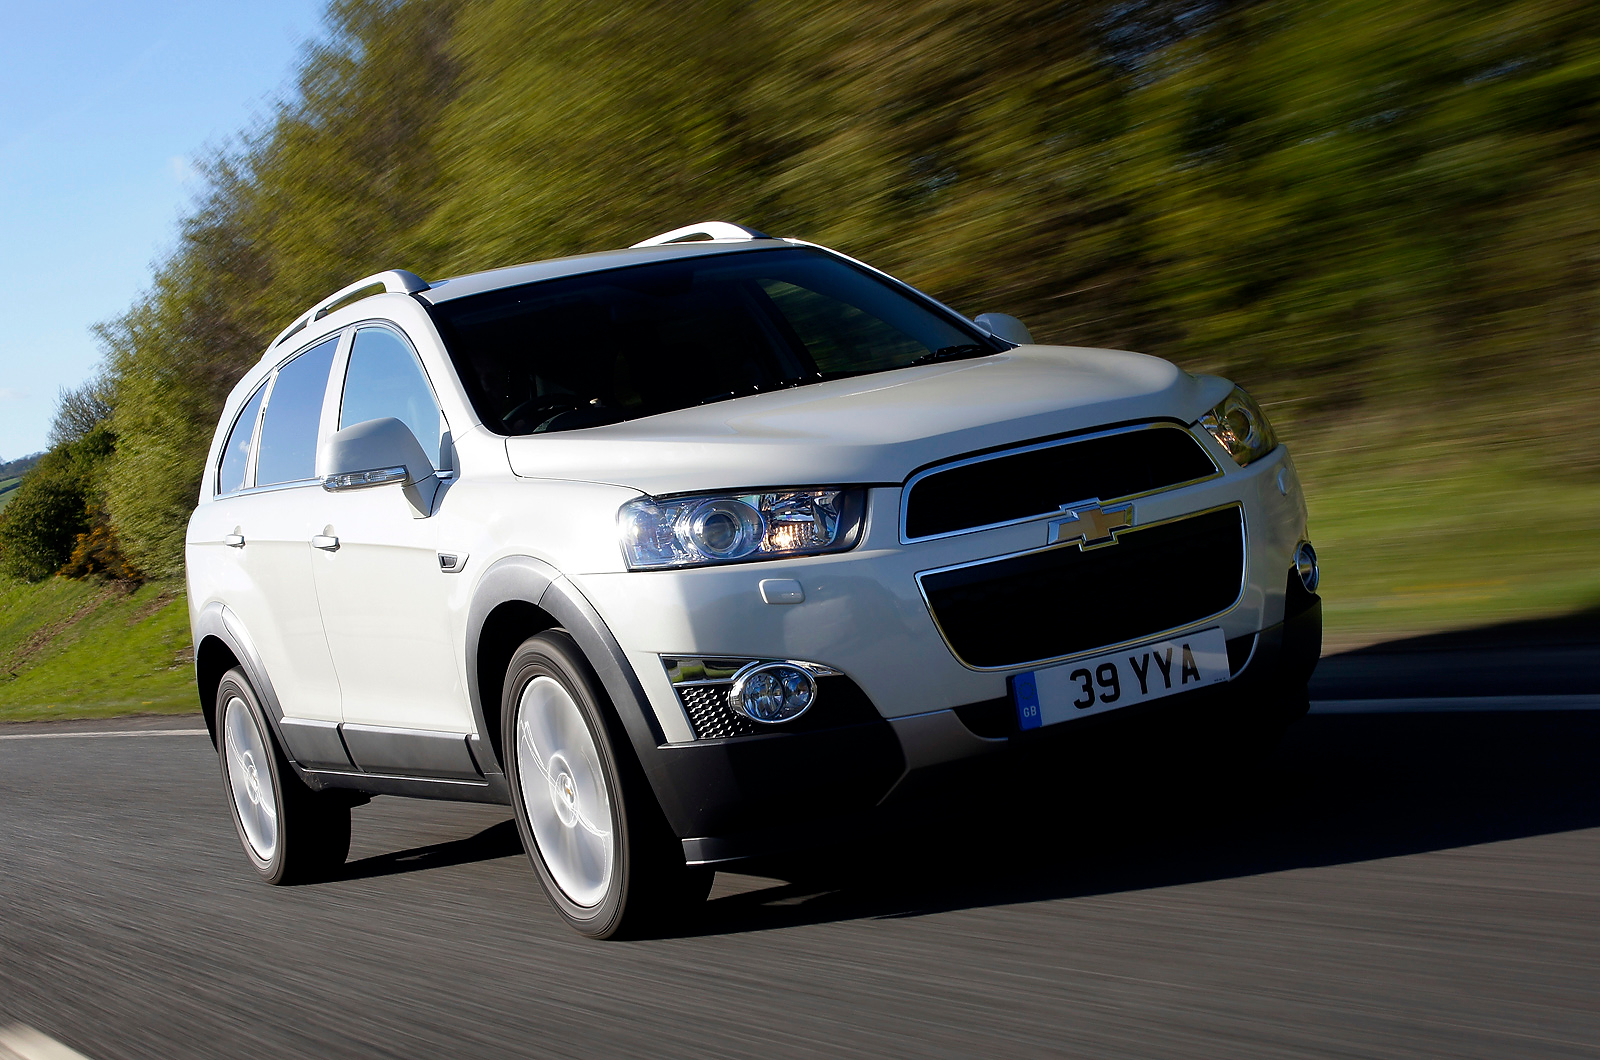 All Chevy chevy captiva horsepower : Chevrolet Captiva 2007-2015 Review (2018) | Autocar